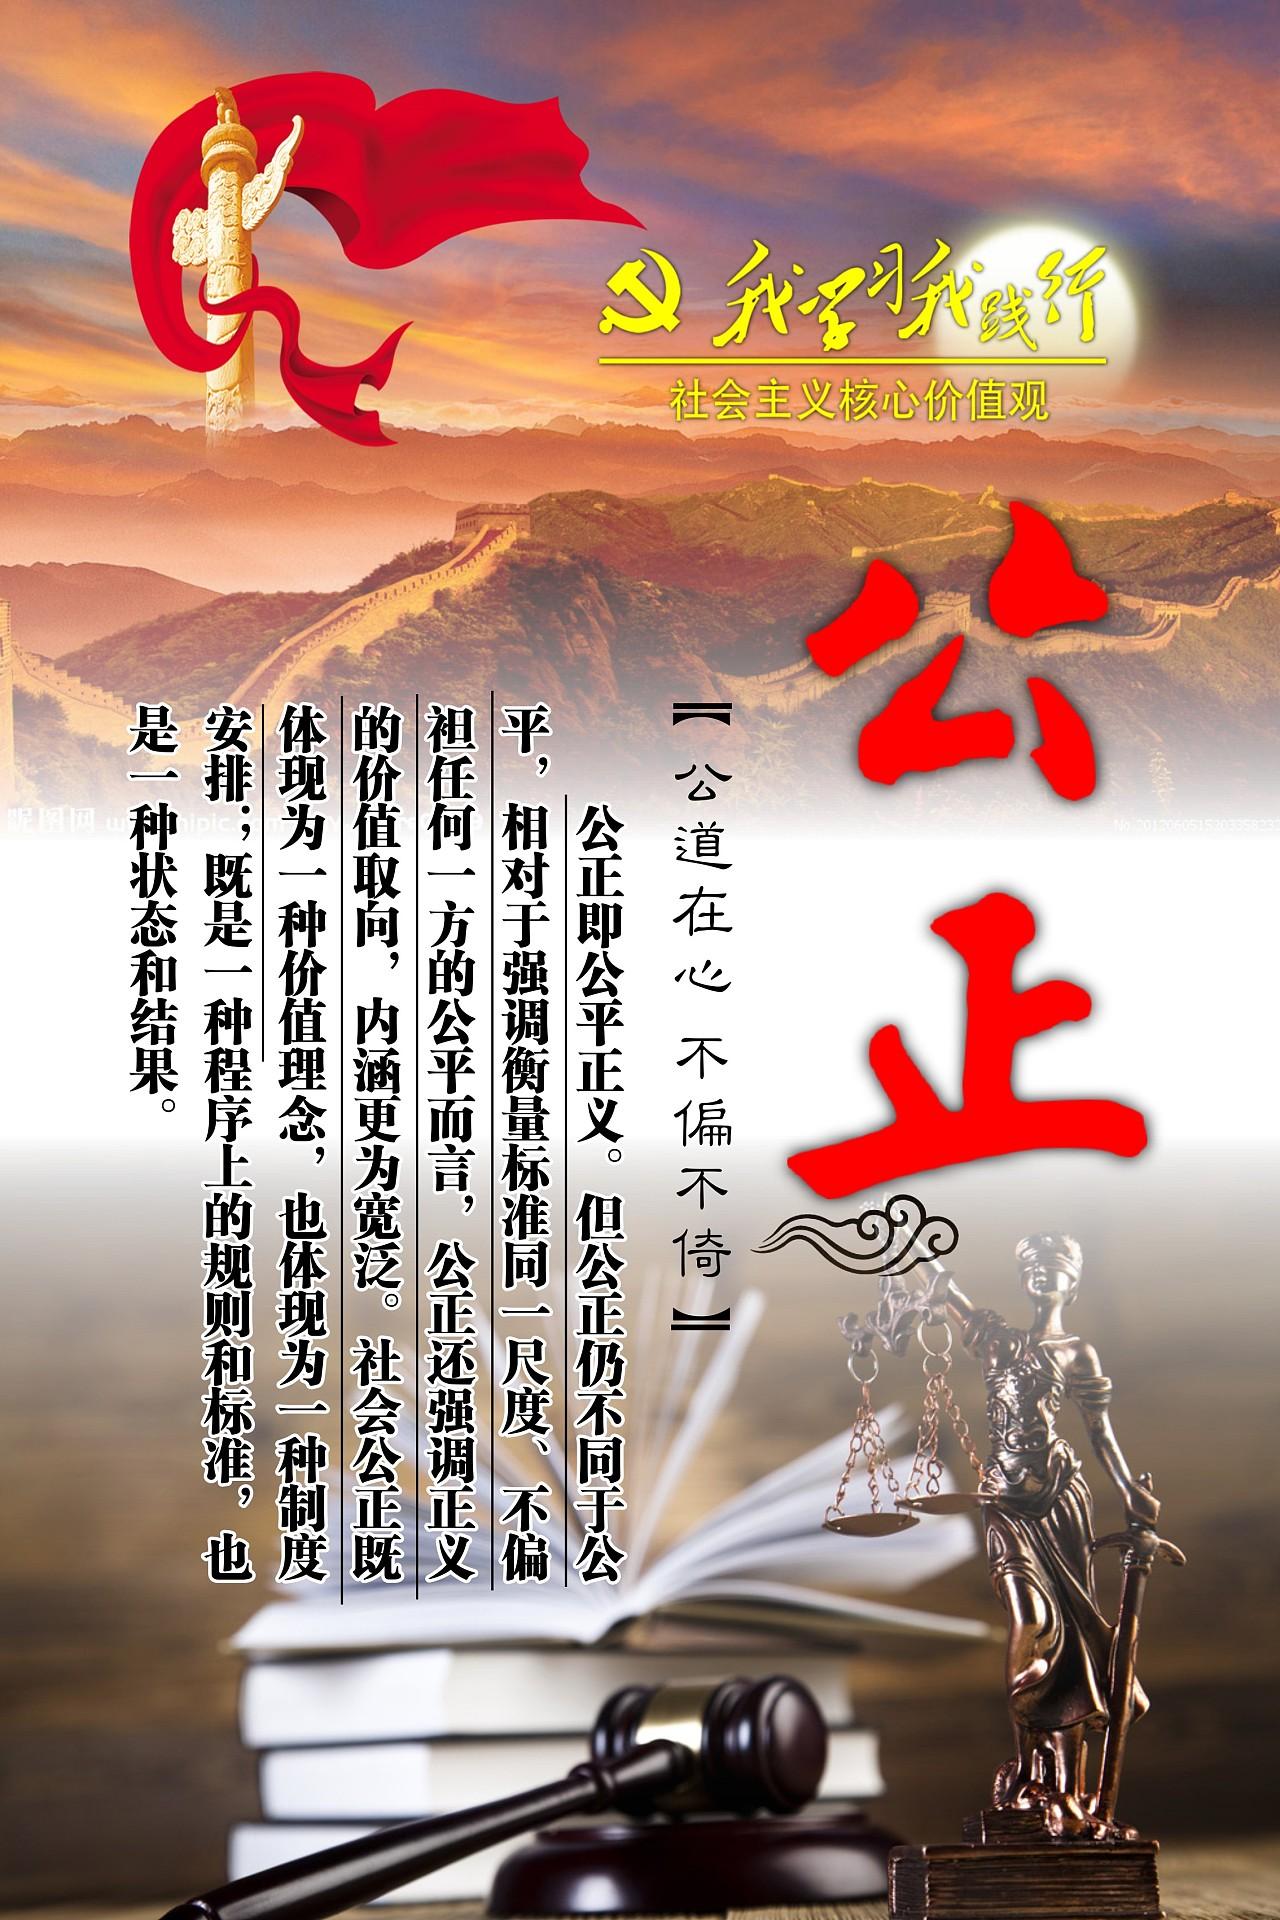 公司核心价值观_社会主义核心价值观12片|平面|海报|ygl333 - 原创作品 - 站酷 (ZCOOL)